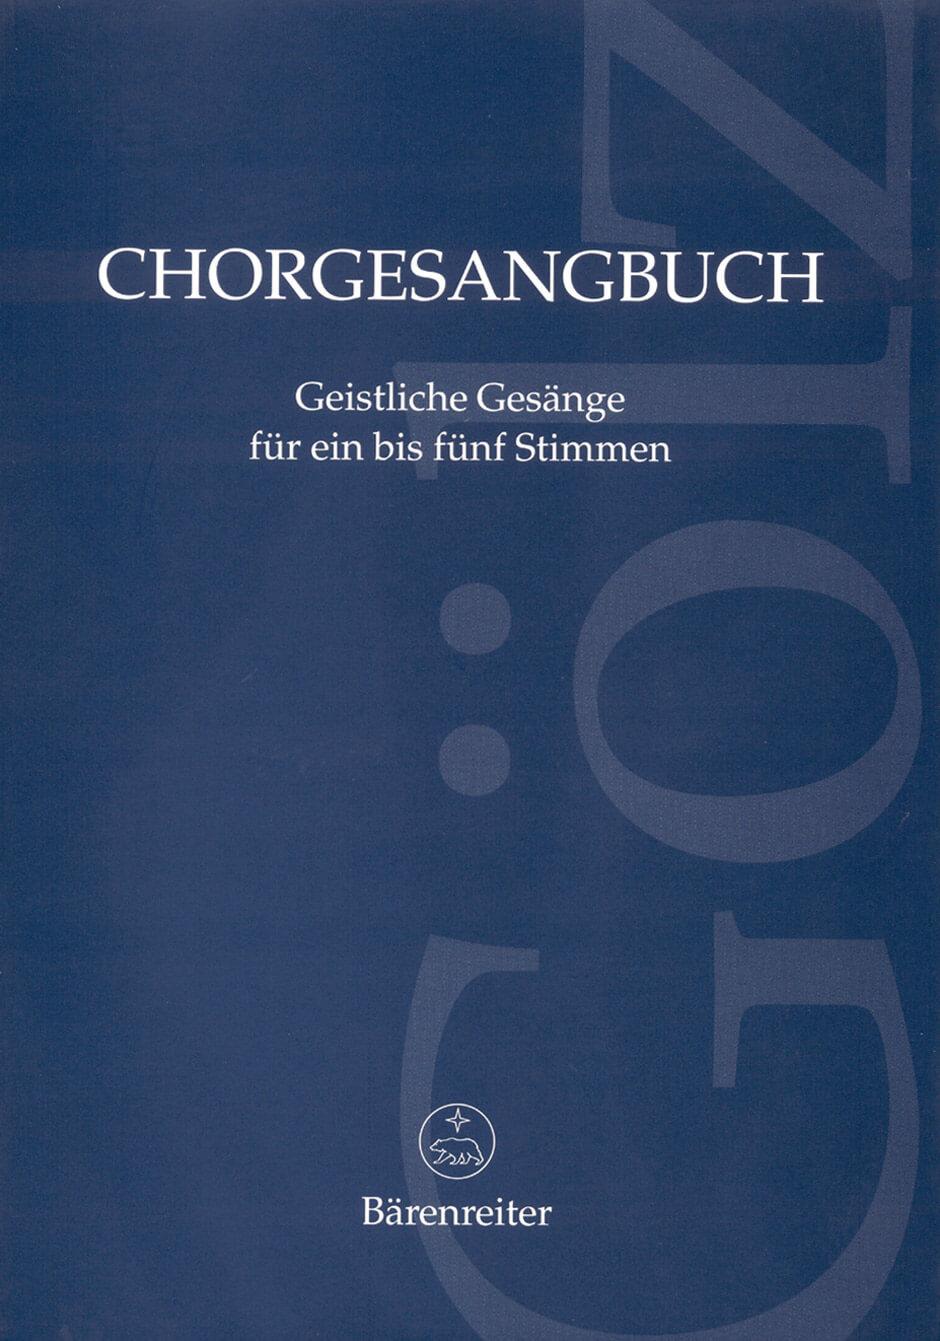 Chorgesangbuch